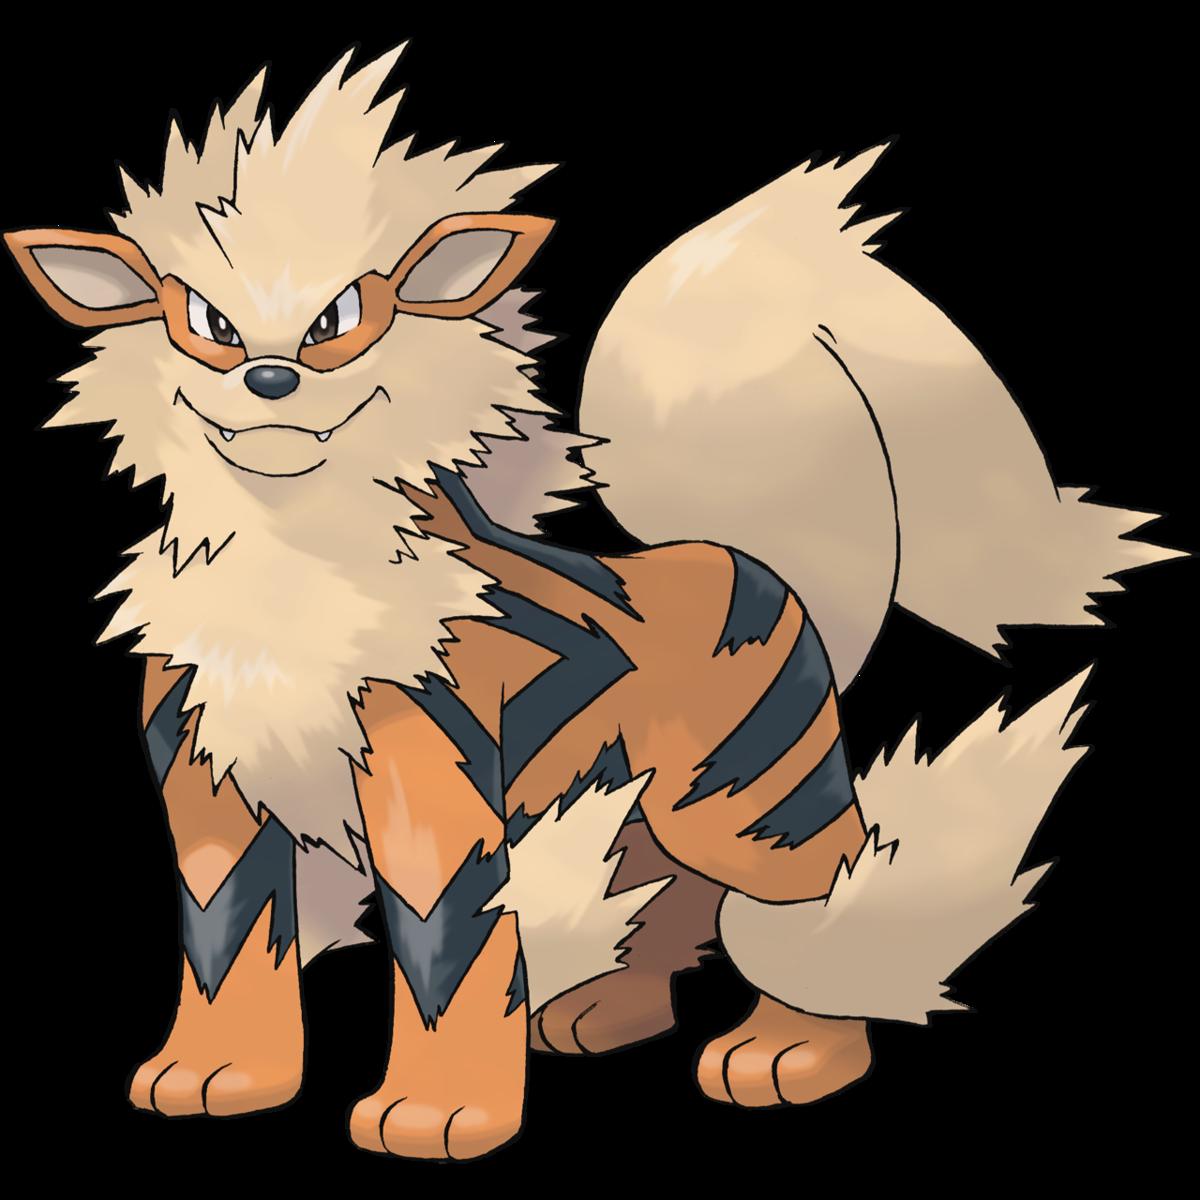 Arcanine (Pokémon).